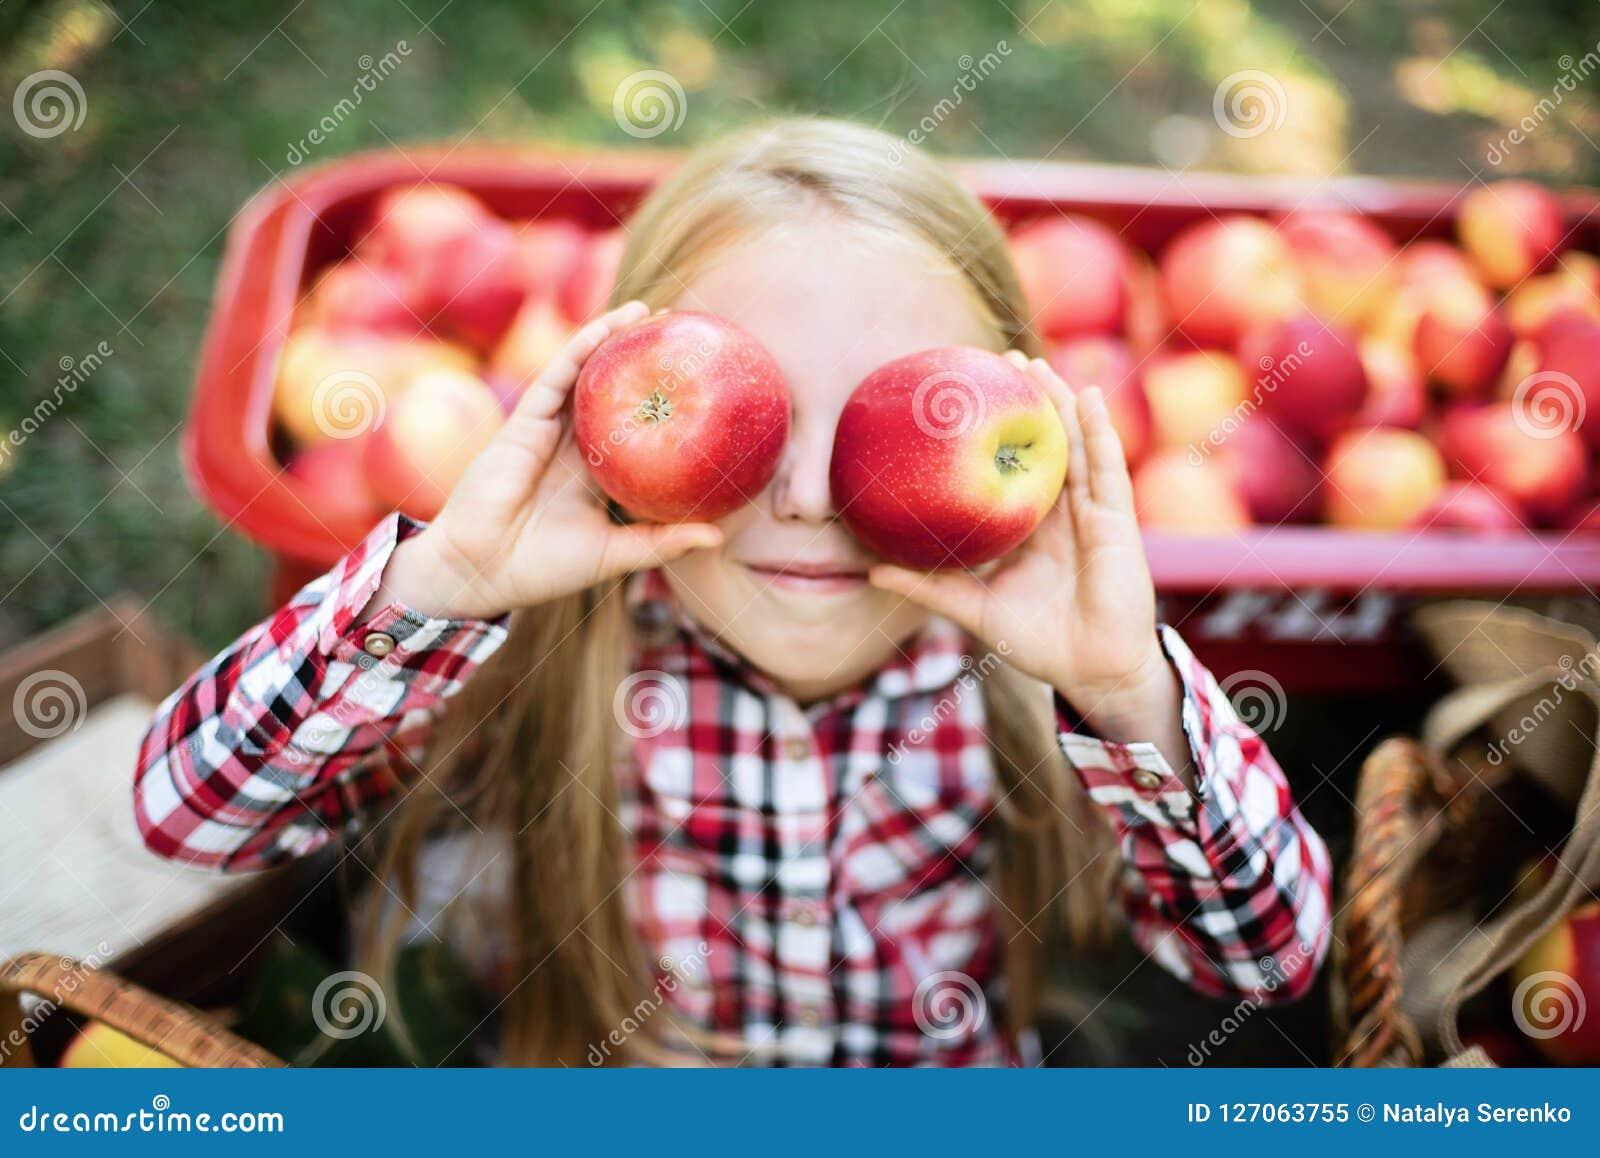 Ragazza con Apple nel meleto Bella ragazza che mangia Apple organico nel frutteto Concetto della raccolta Giardino, cibo del bamb